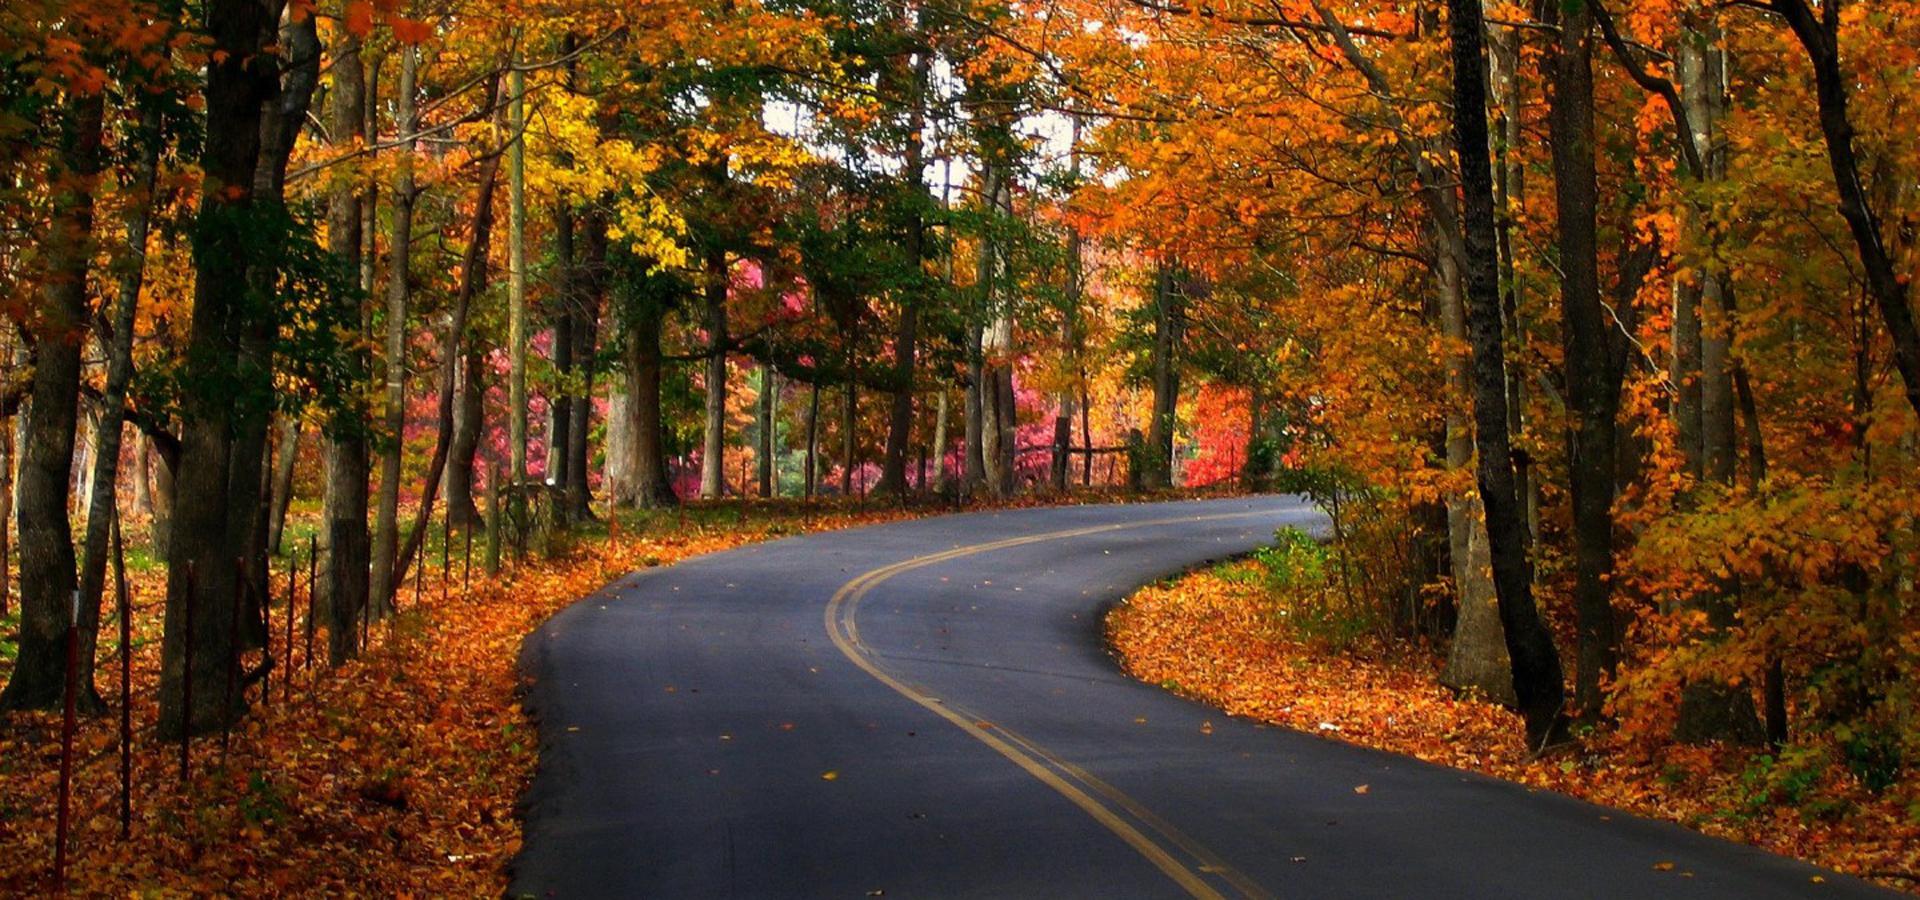 arbre l u0026 39 automne automne forest contexte ruelle les arbres